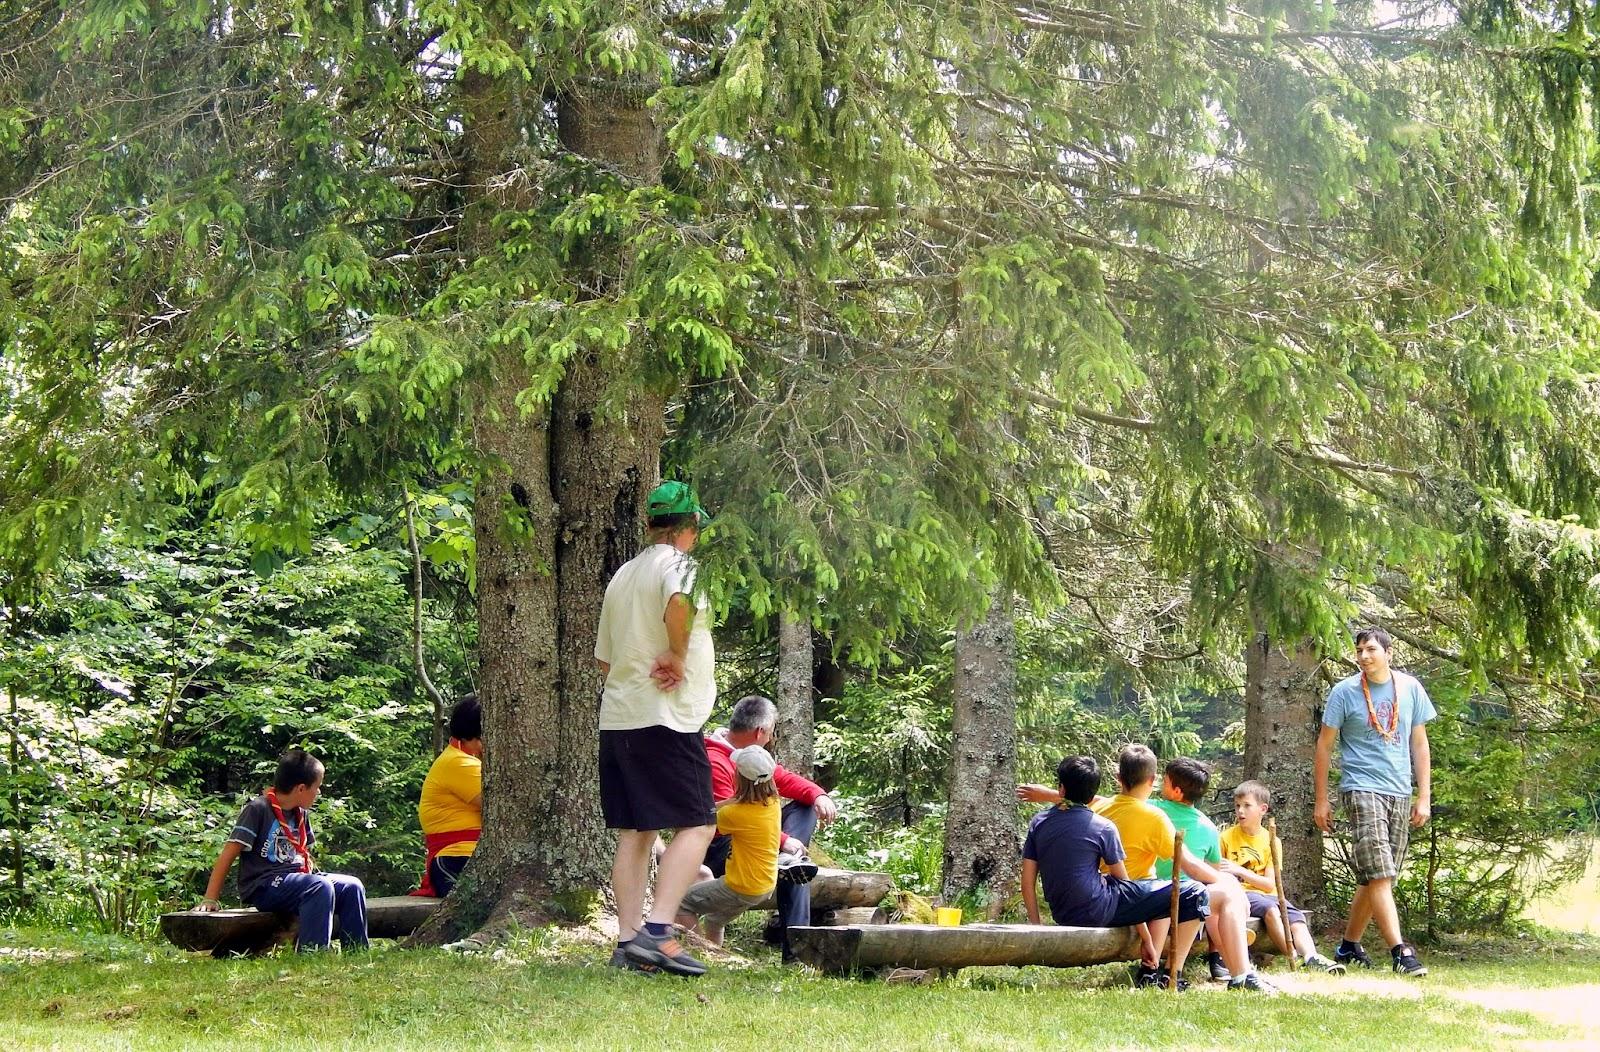 Piknik s starši 2014, 22.6.2014 Črni dol - DSCN2028.JPG